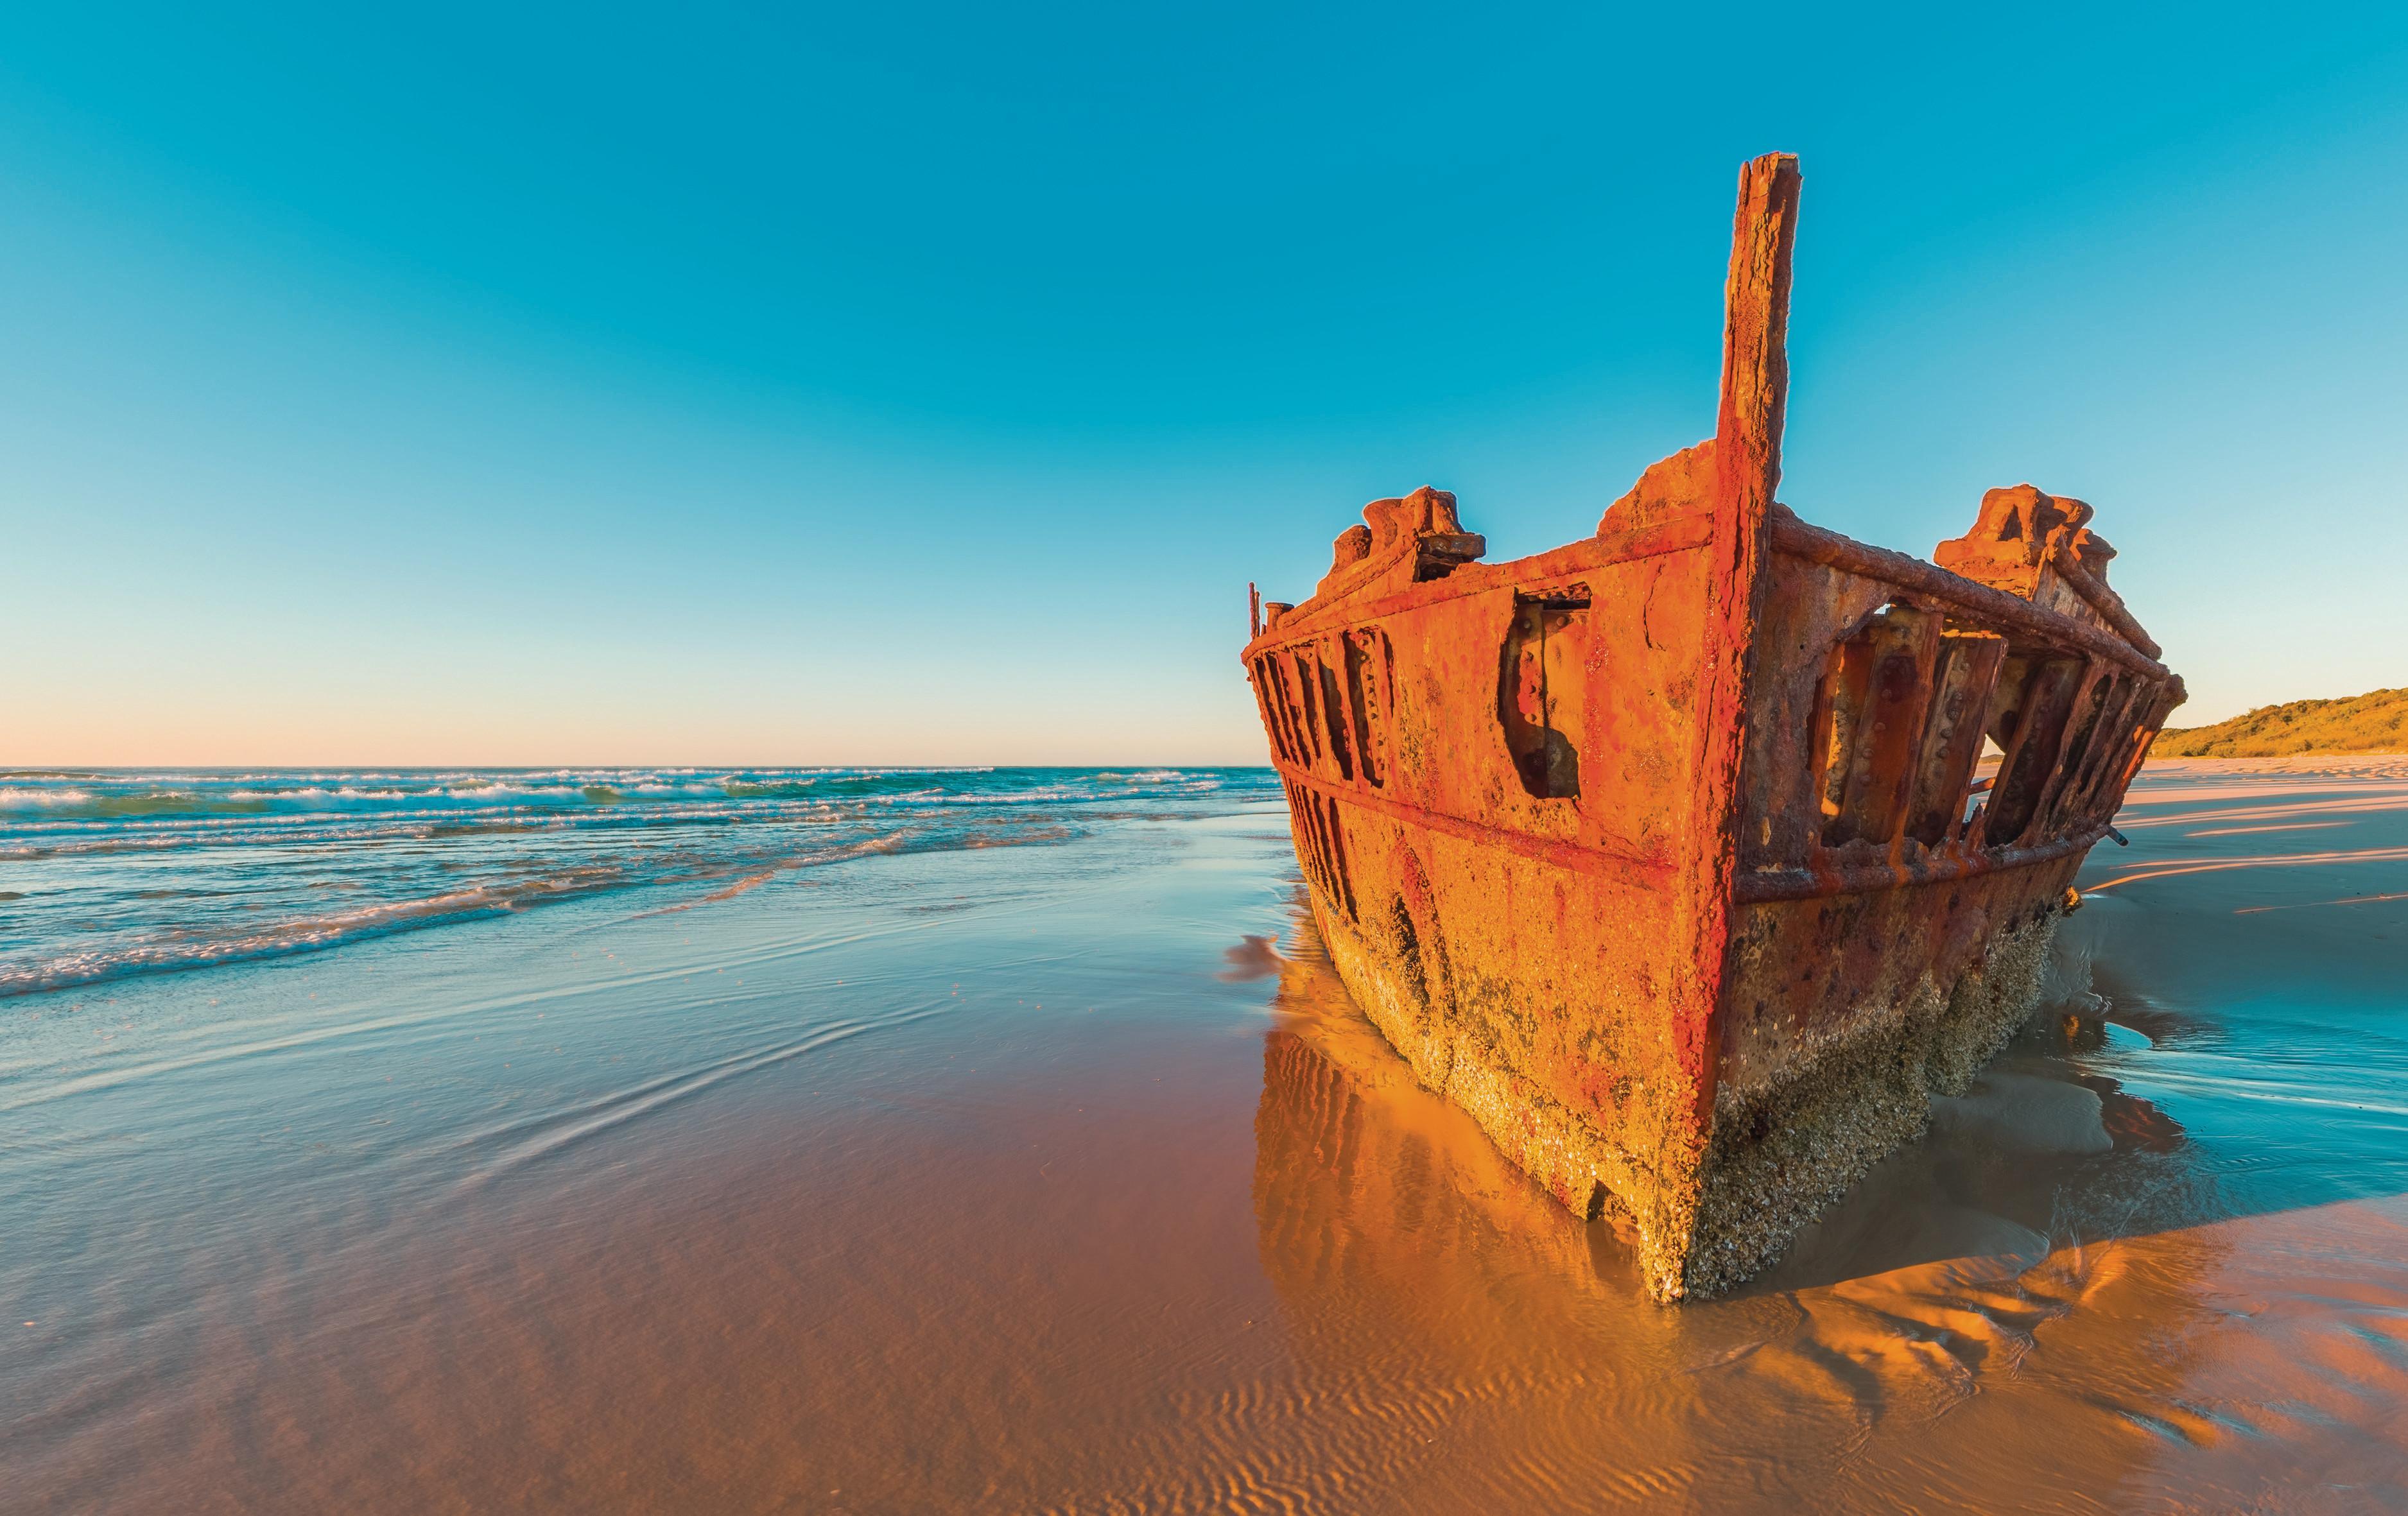 SS Maheno Shipwreck at Fraser Island